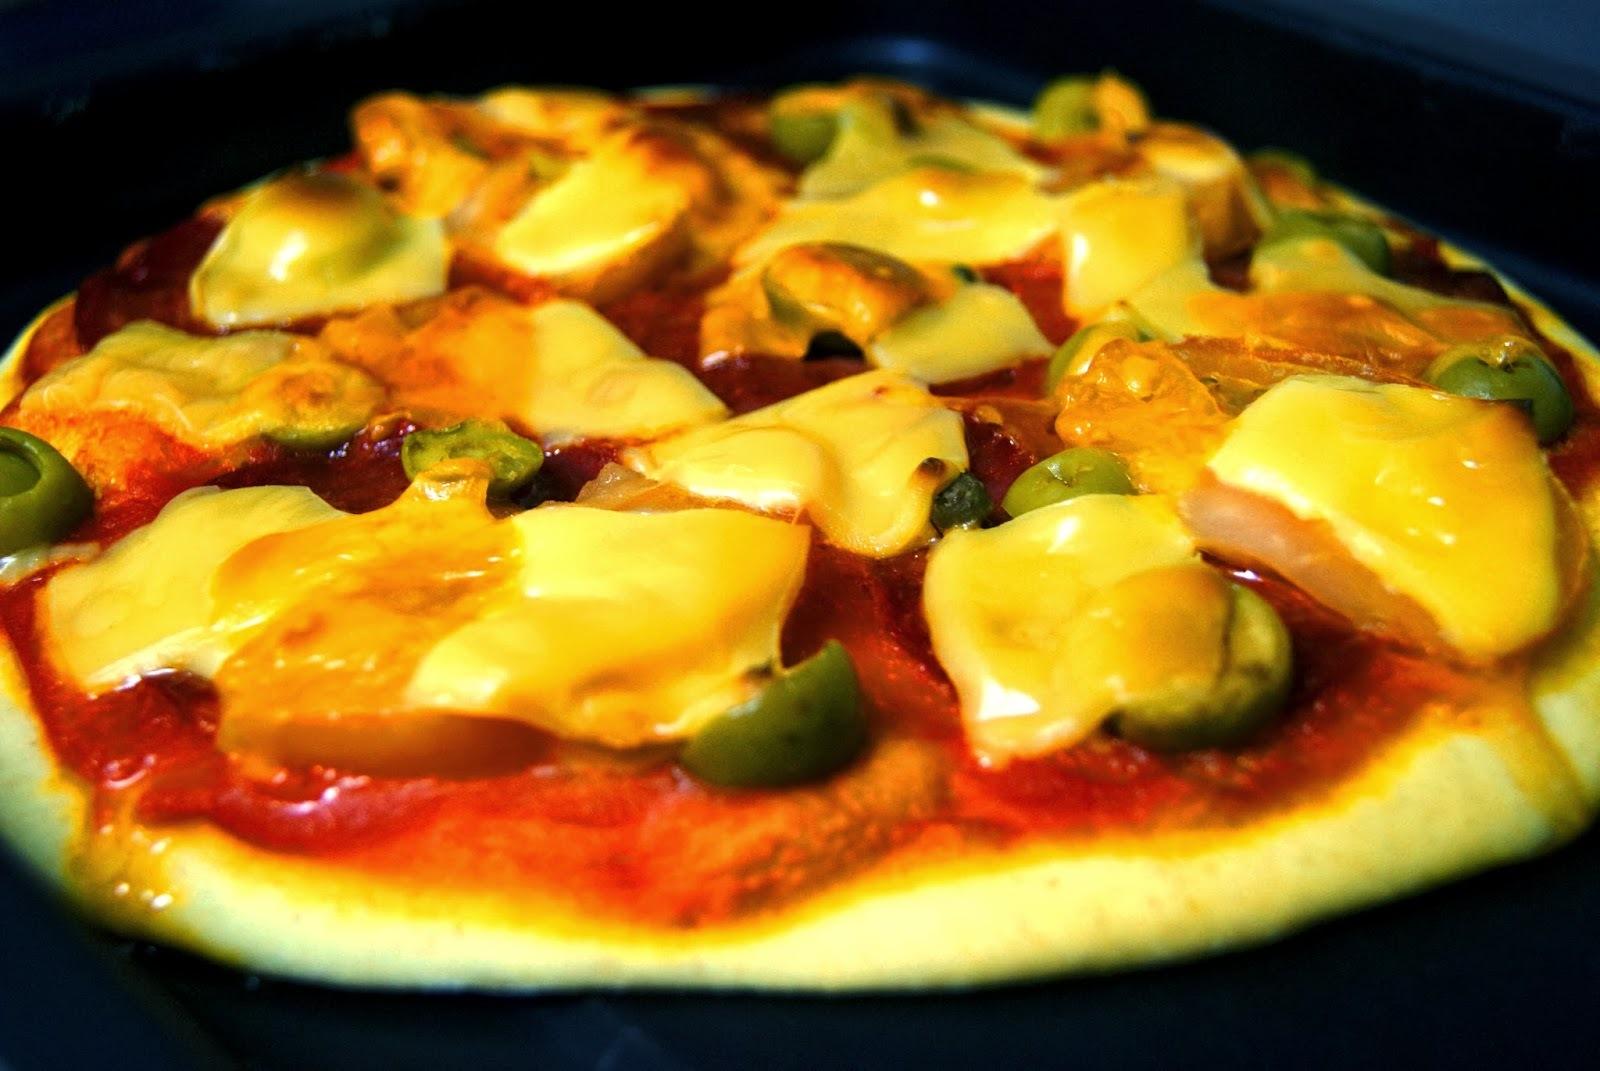 Pizza Casera de Pepperoni